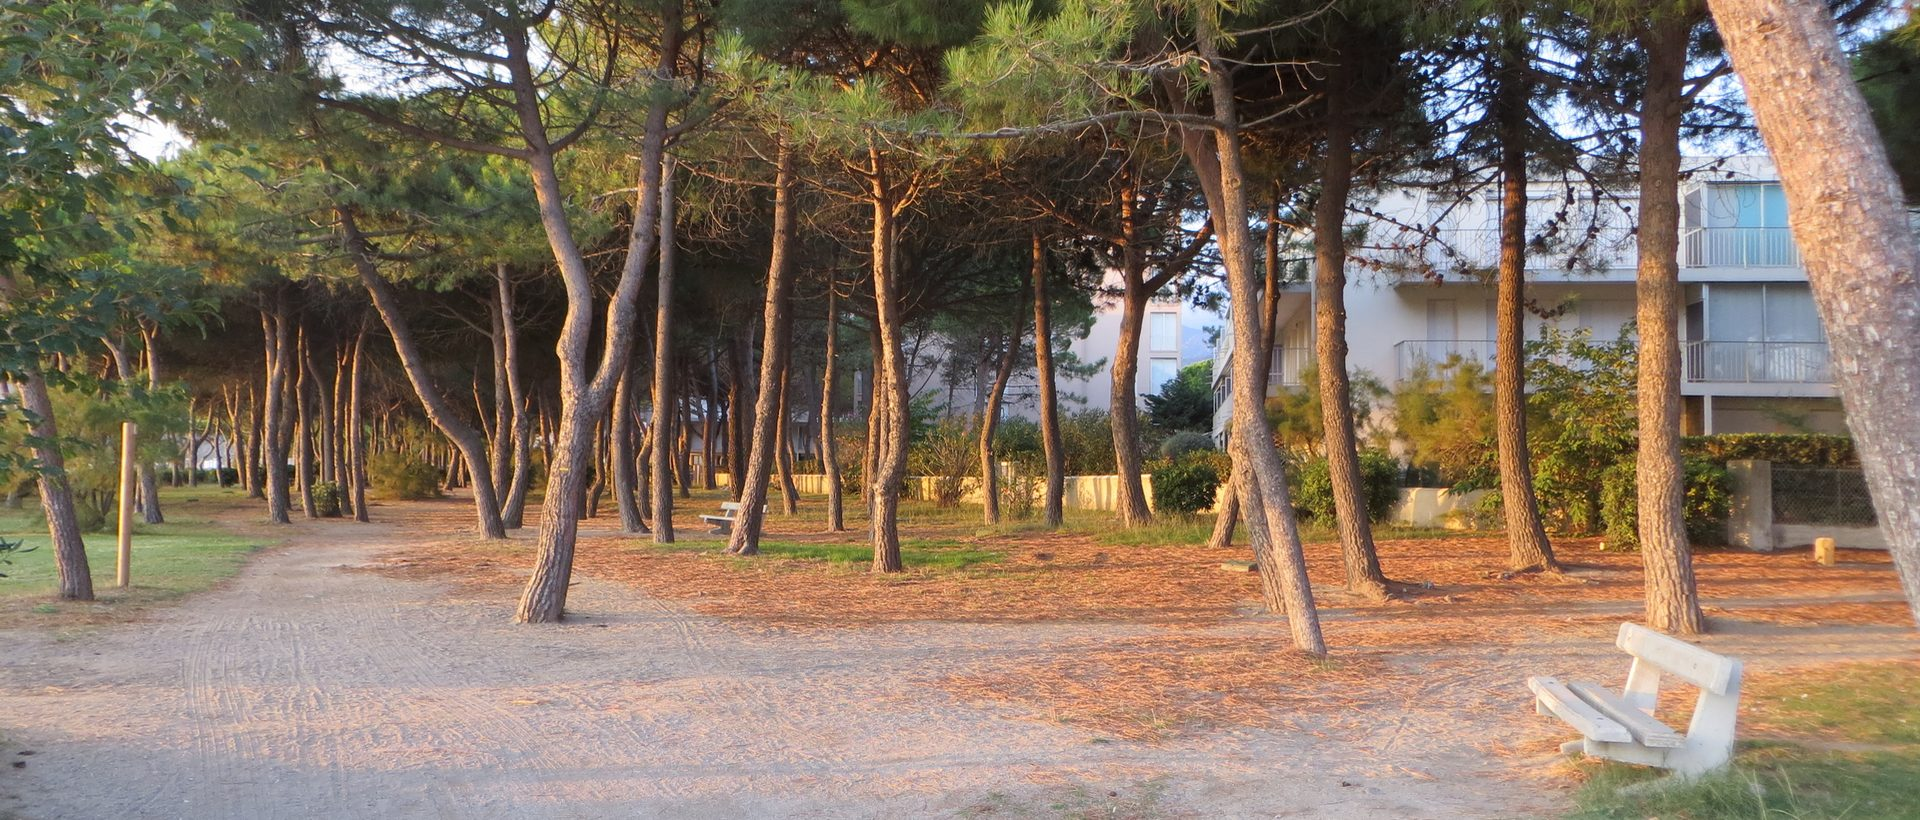 Photo de la location depuis la forêt de pins